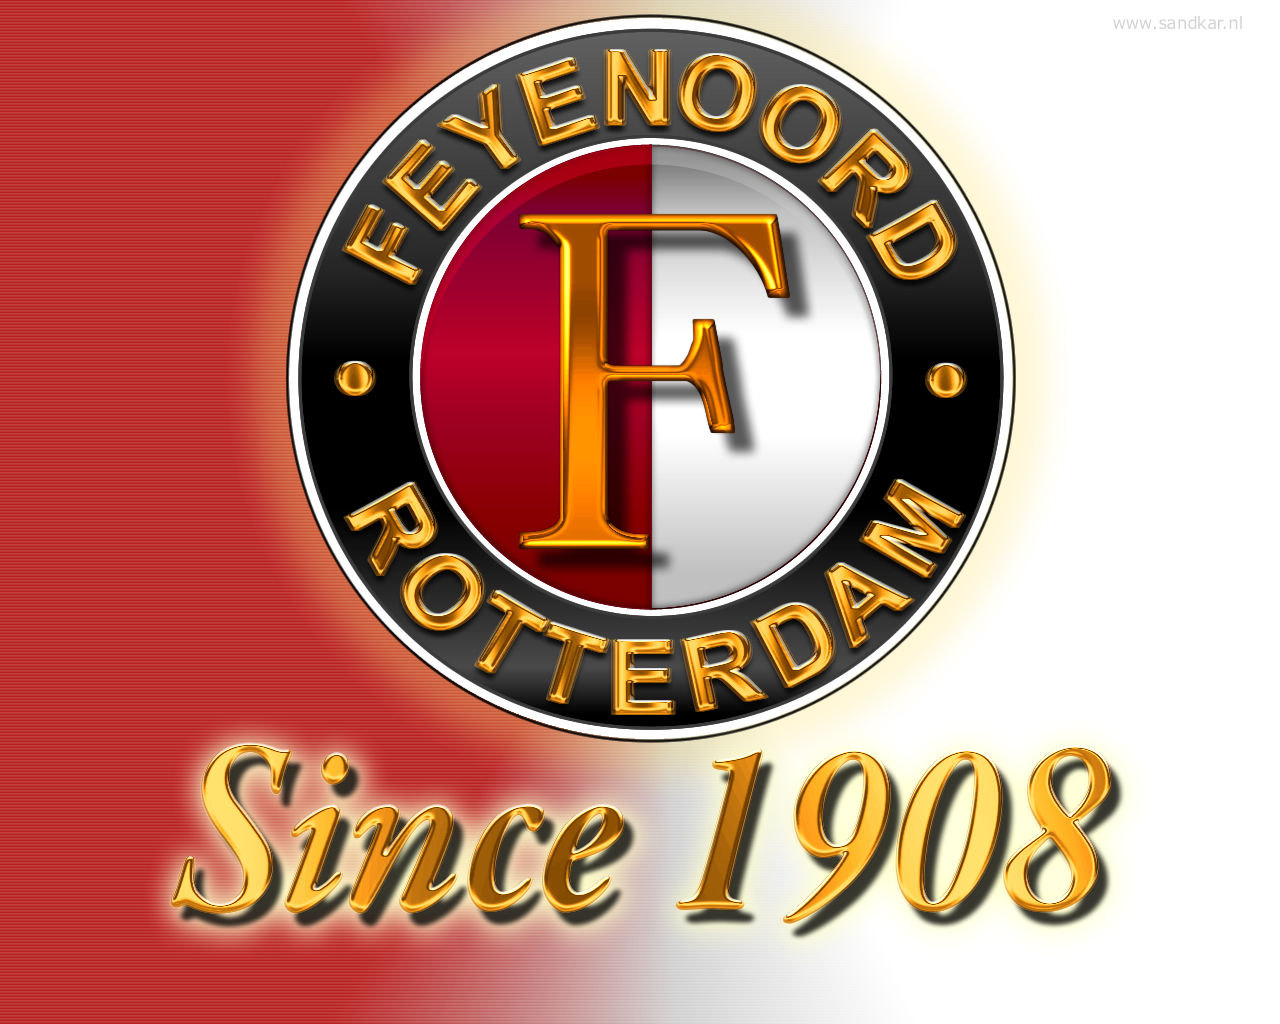 Sandkaru0026#39;s Feyenoordpage